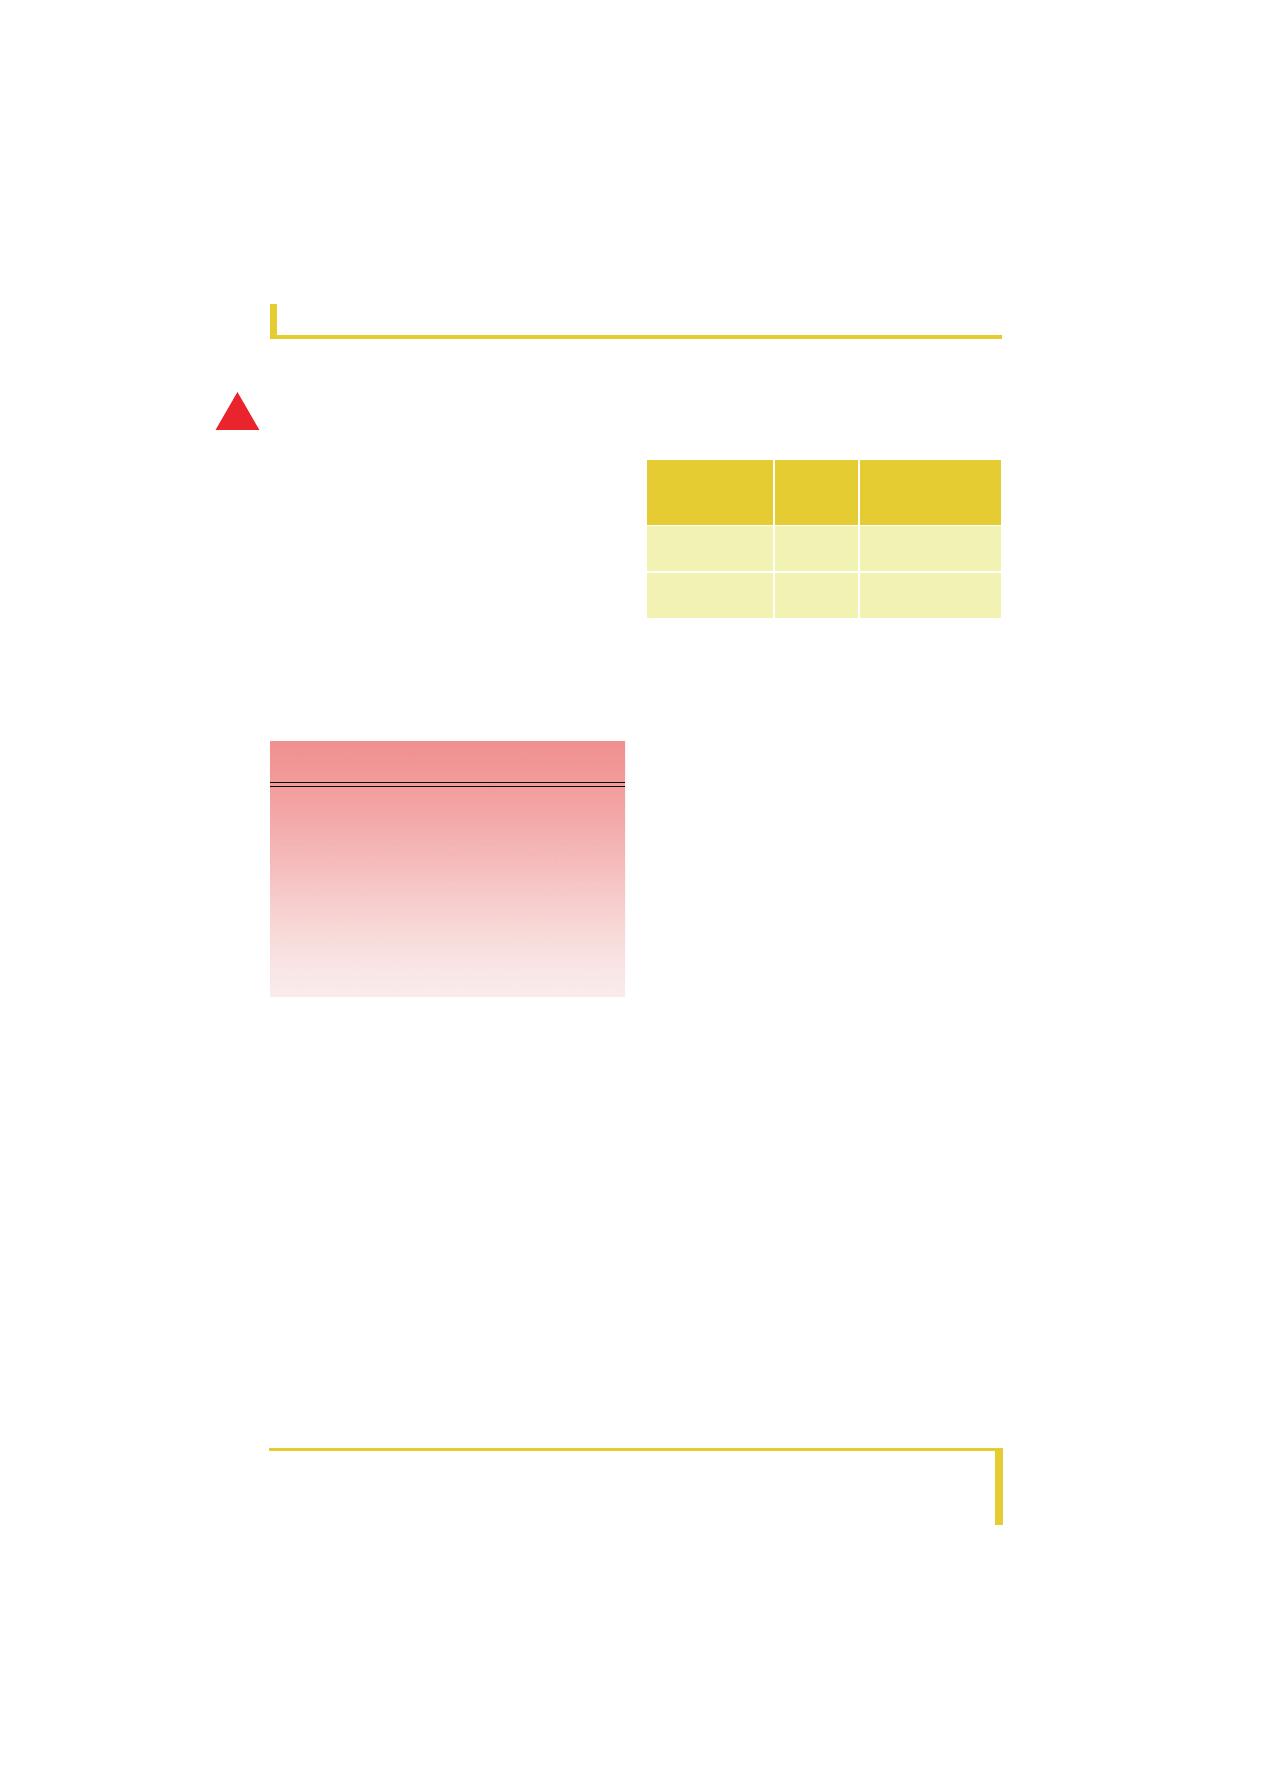 hight resolution of fuso fg parts diagram wiring diagram repair guidesmitsubishi canter fe fg manual part